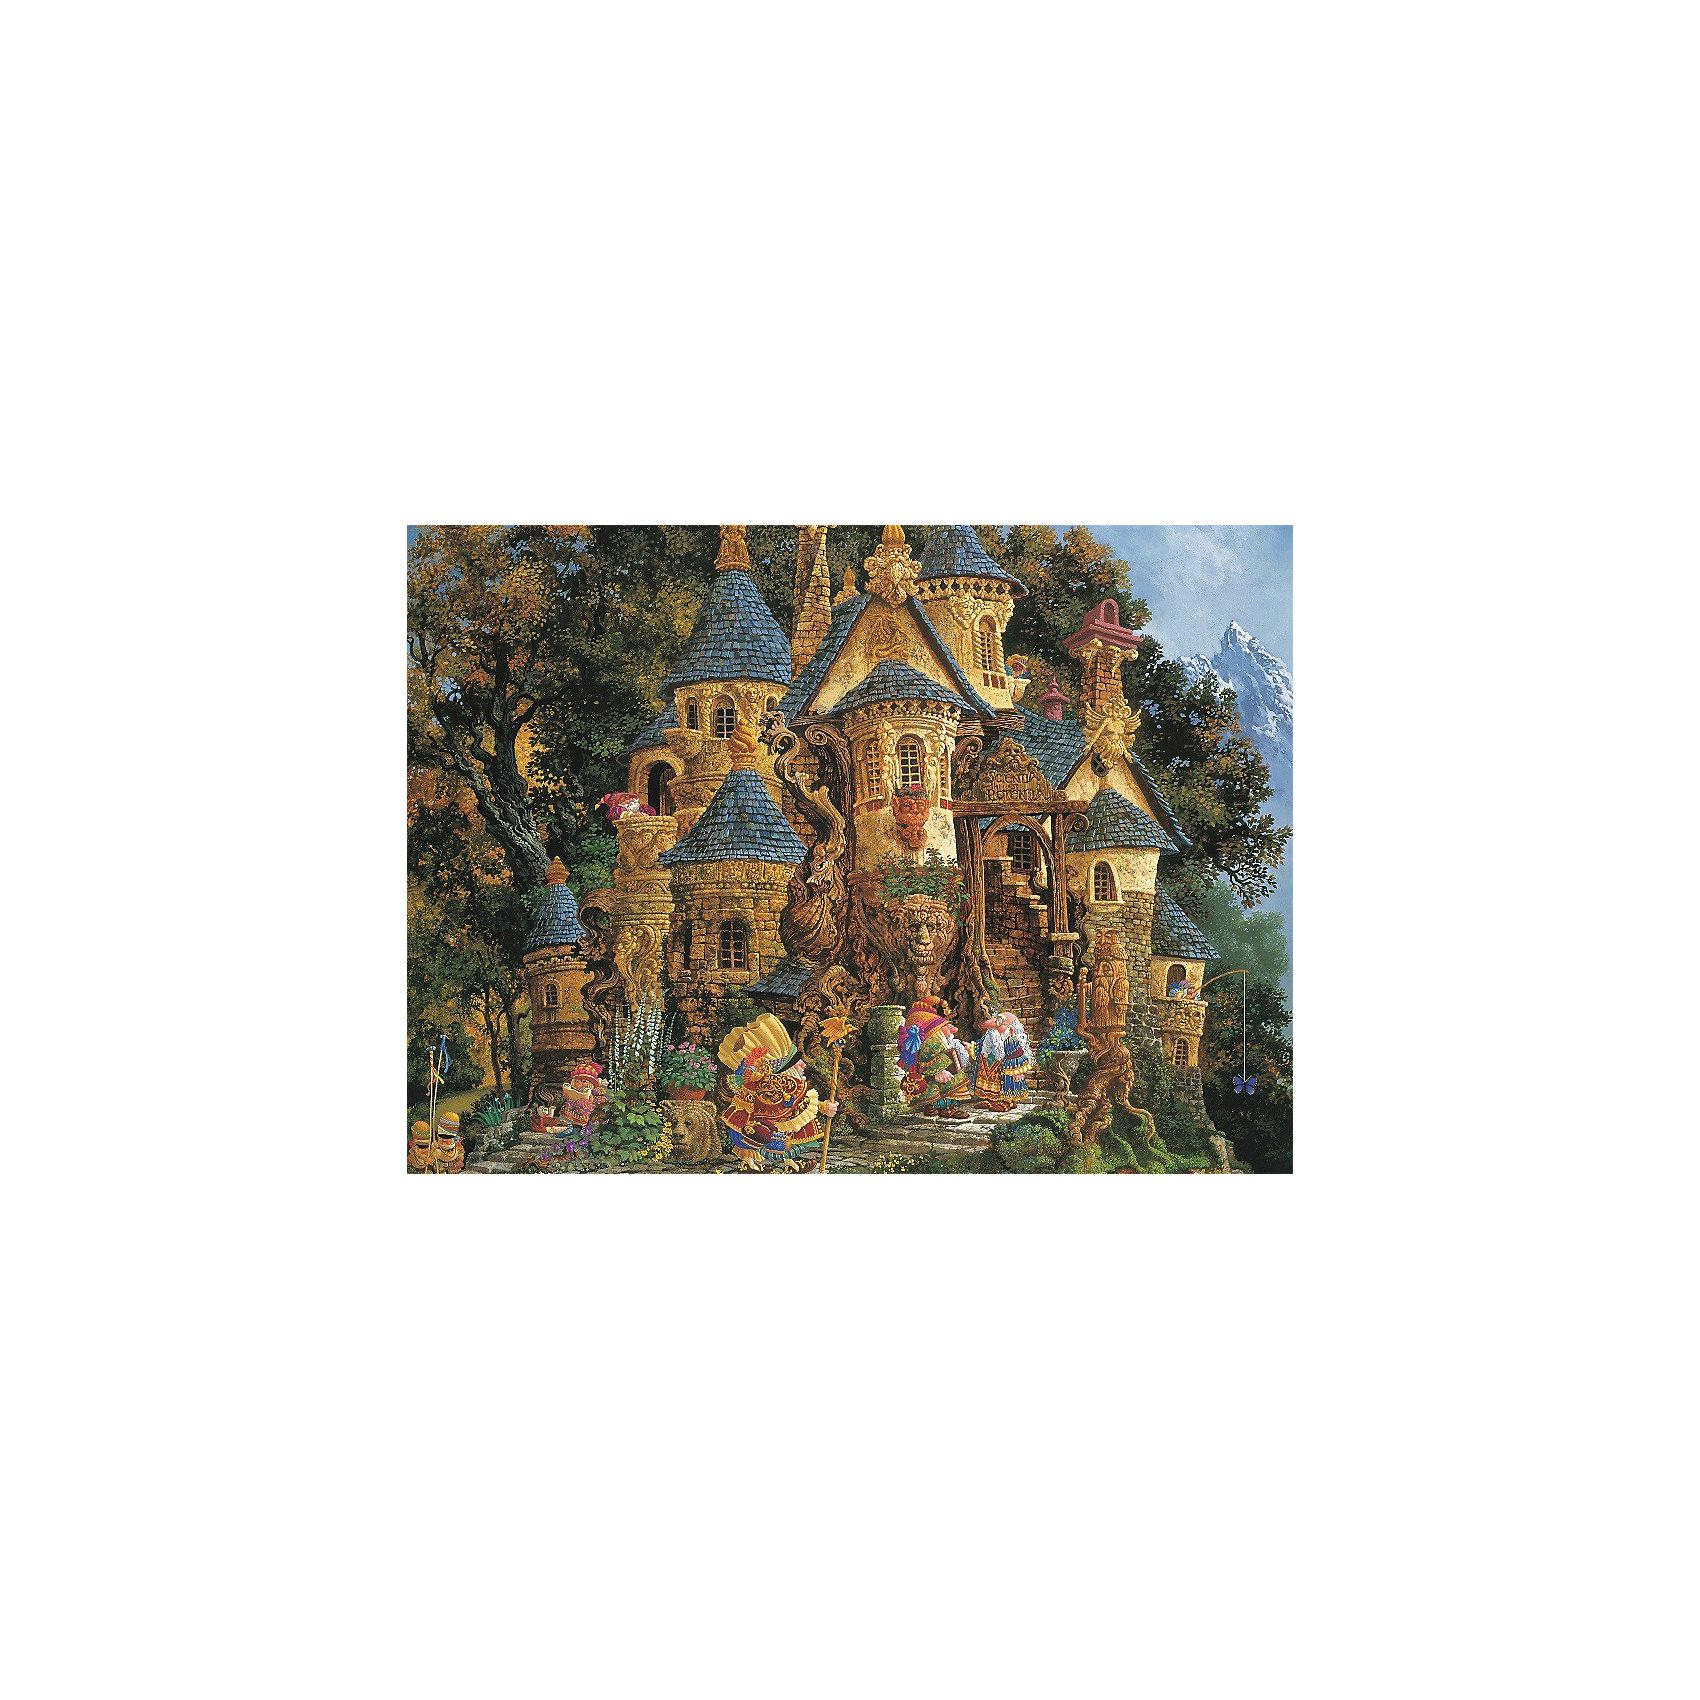 Пазл «Школа волшебства» 500 деталей, RavensburgerКлассические пазлы<br>Пазл «Школа волшебства» 500 деталей, Ravensburger (Равенсбургер) – этот яркий красочный пазл великолепный подарок для вашего ребенка.<br>Пазл «Школа волшебства» от немецкой фирмы Ravensburger (Равенсбургер) - это очень необычный сказочный пазл. Домик-замок, сказочные герои, лес, горы – все это не оставит равнодушными и детей, и взрослых любителей чудес. Собирая картинку, ребенок развивает логическое мышление, воображение, мелкую моторику и умение принимать самостоятельные решения. Пазлы Ravensburger неповторимы и уникальны тем, что для их изготовления используется картон наивысшего класса, благодаря которому сложенные головоломки не сгибаются, сам картон не отделяется от картинки, а сложенная картинка представляется абсолютно плоской и не деформируется даже спустя время. Прочные детали не ломаются. Каждая деталь имеет свою форму и подходит только на своё место. Матовая поверхность исключает неприятные отблески. Изготовлено из экологического сырья.<br><br>Дополнительная информация:<br><br>- Количество деталей: 500<br>- Размер картинки: 36 х 49 см.<br>- Материал: картон<br>- Размер коробки: 34 x 4 х 23 см.<br><br>Пазл «Школа волшебства» 500 деталей, Ravensburger (Равенсбургер) можно купить в нашем интернет-магазине.<br><br>Ширина мм: 340<br>Глубина мм: 40<br>Высота мм: 230<br>Вес г: 547<br>Возраст от месяцев: 60<br>Возраст до месяцев: 1188<br>Пол: Женский<br>Возраст: Детский<br>Количество деталей: 500<br>SKU: 2148812